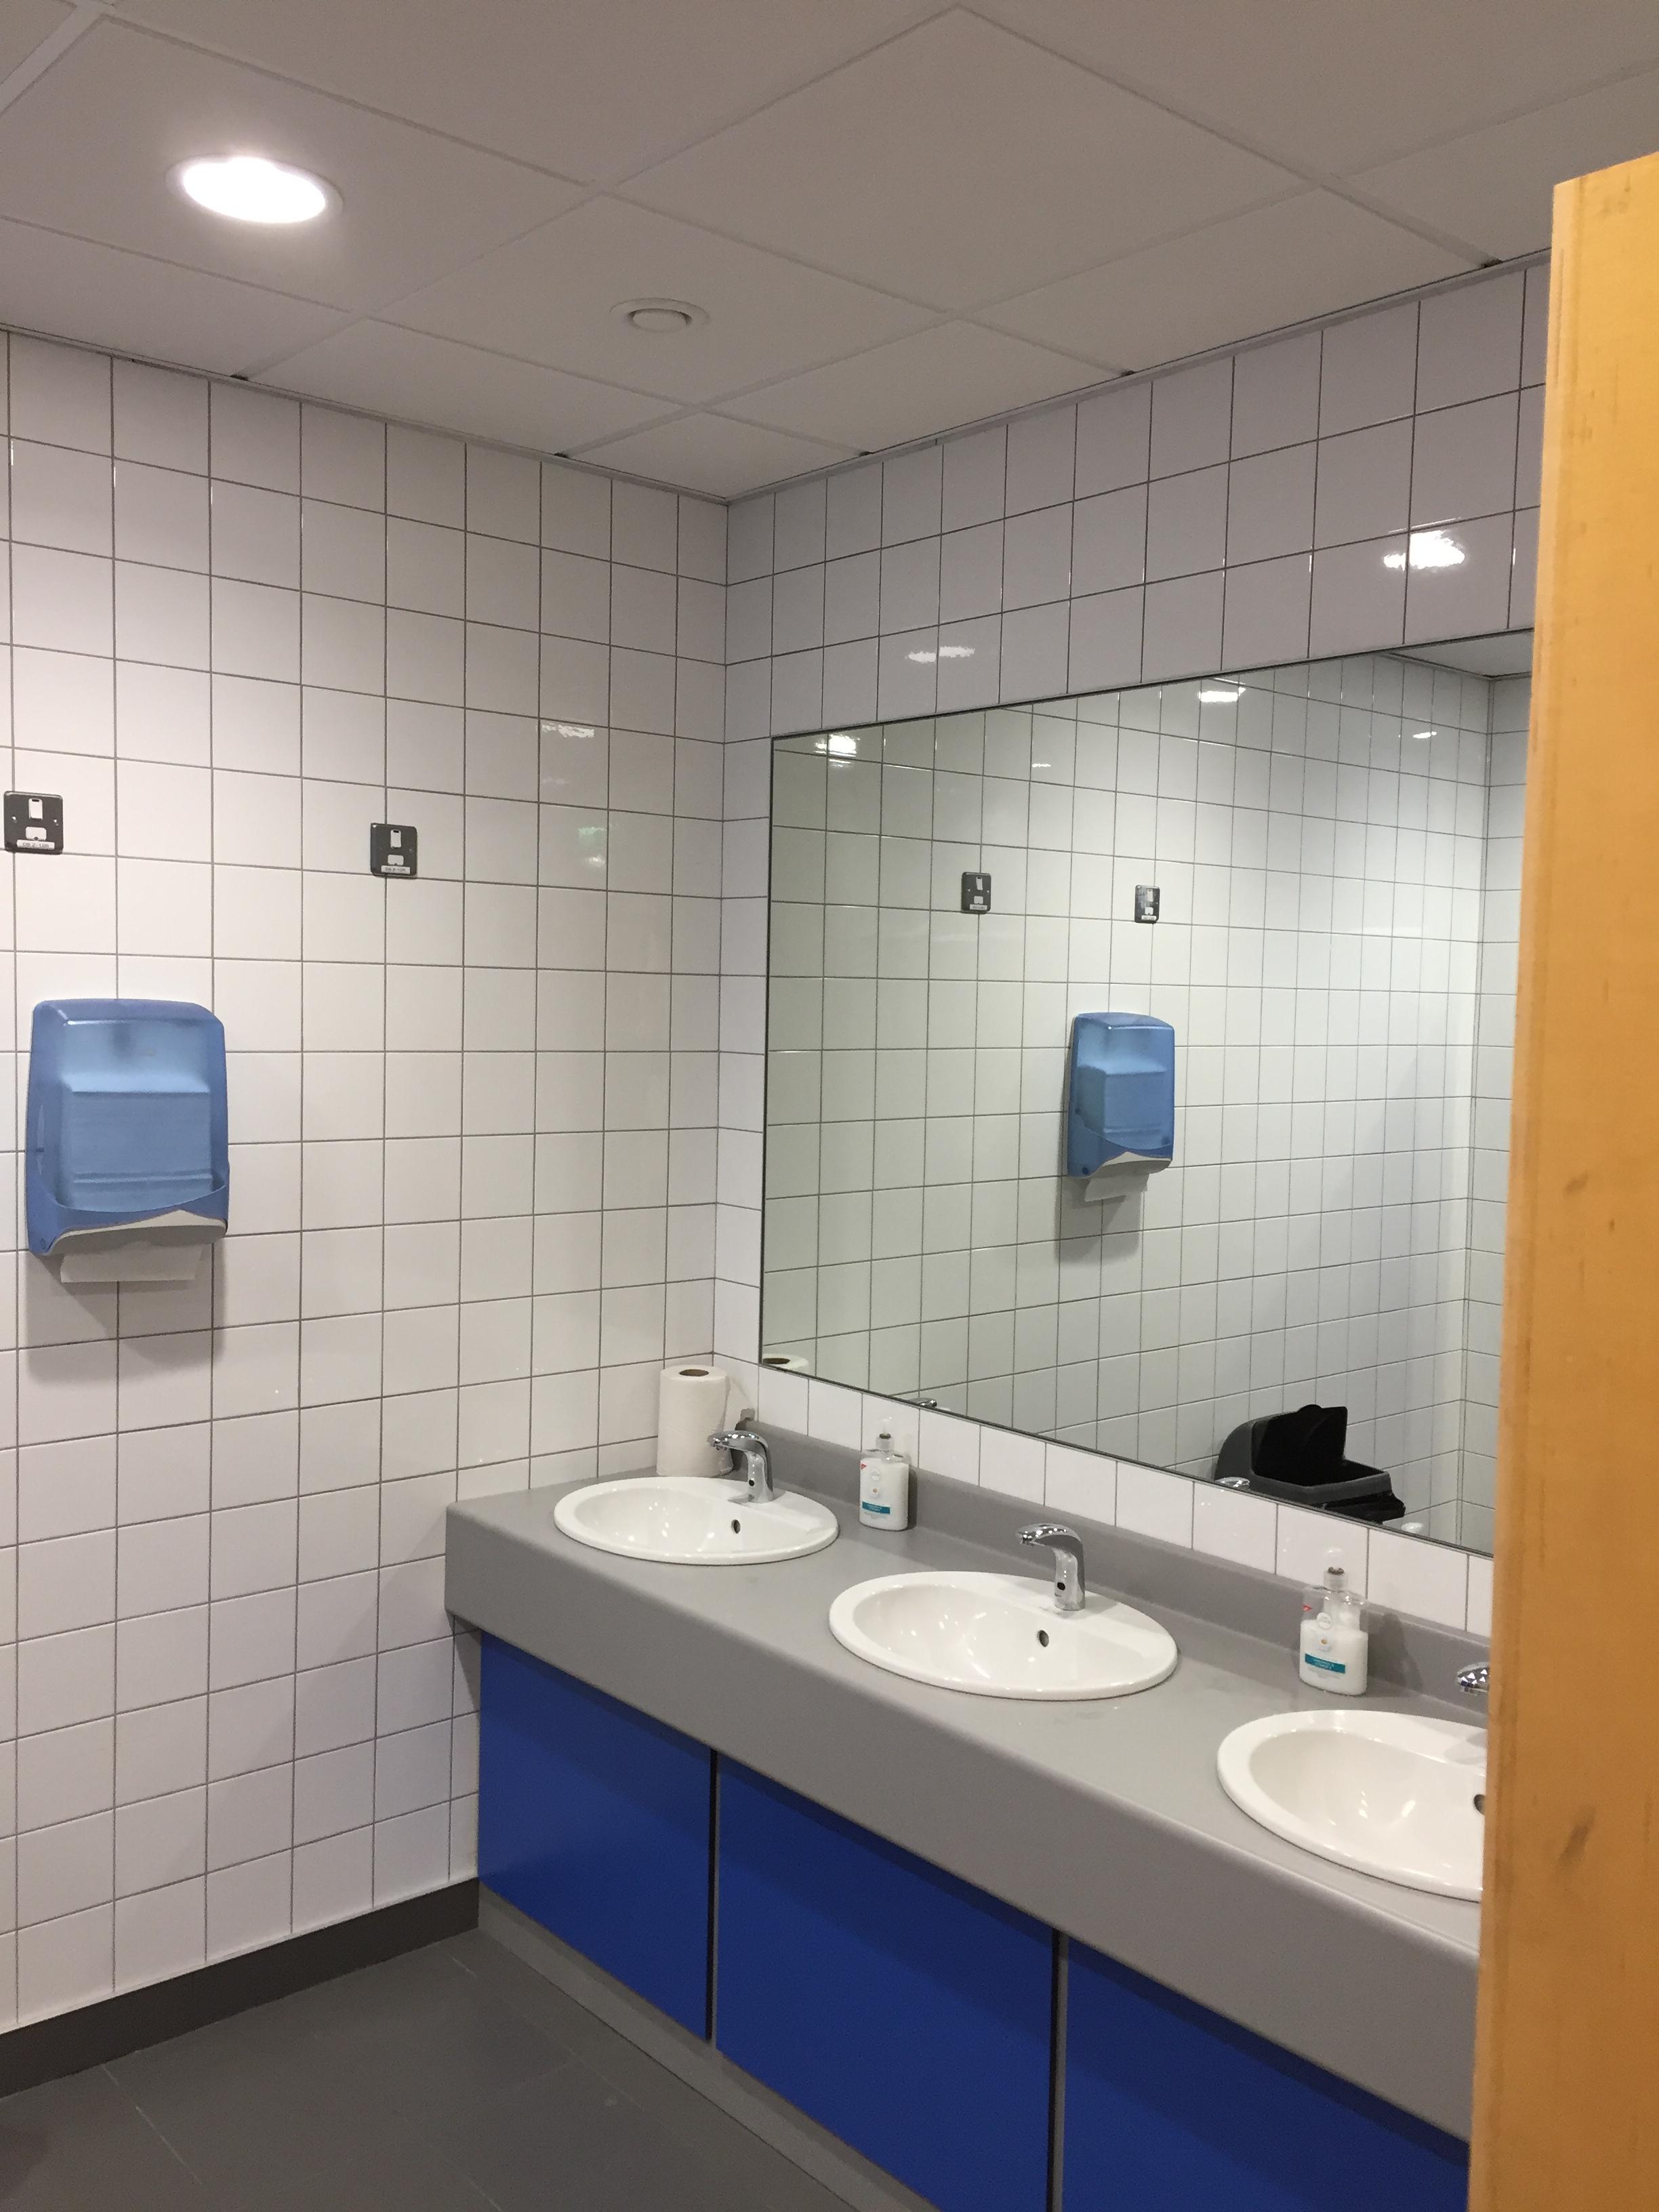 Facilities - wash hand basin, mirror